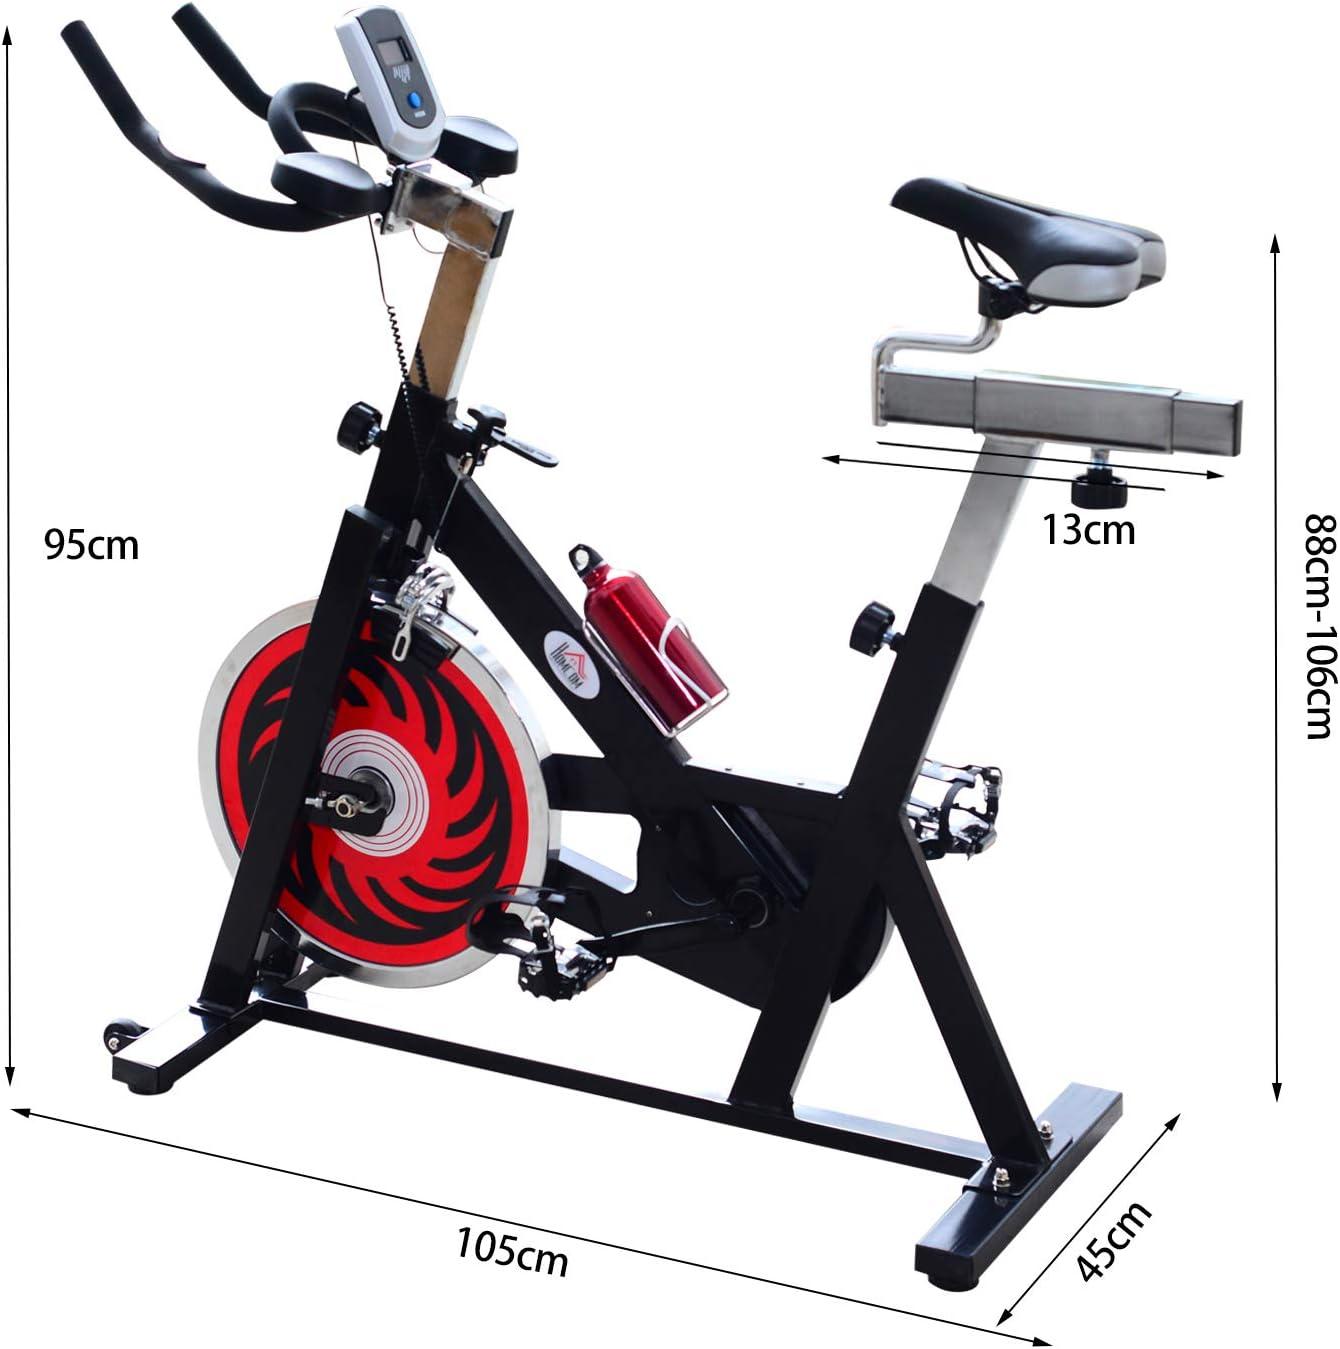 Homcom. Bicicleta estática profesional para spinning de 105 × 45 × 95 cm de color negro.: Amazon.es: Deportes y aire libre